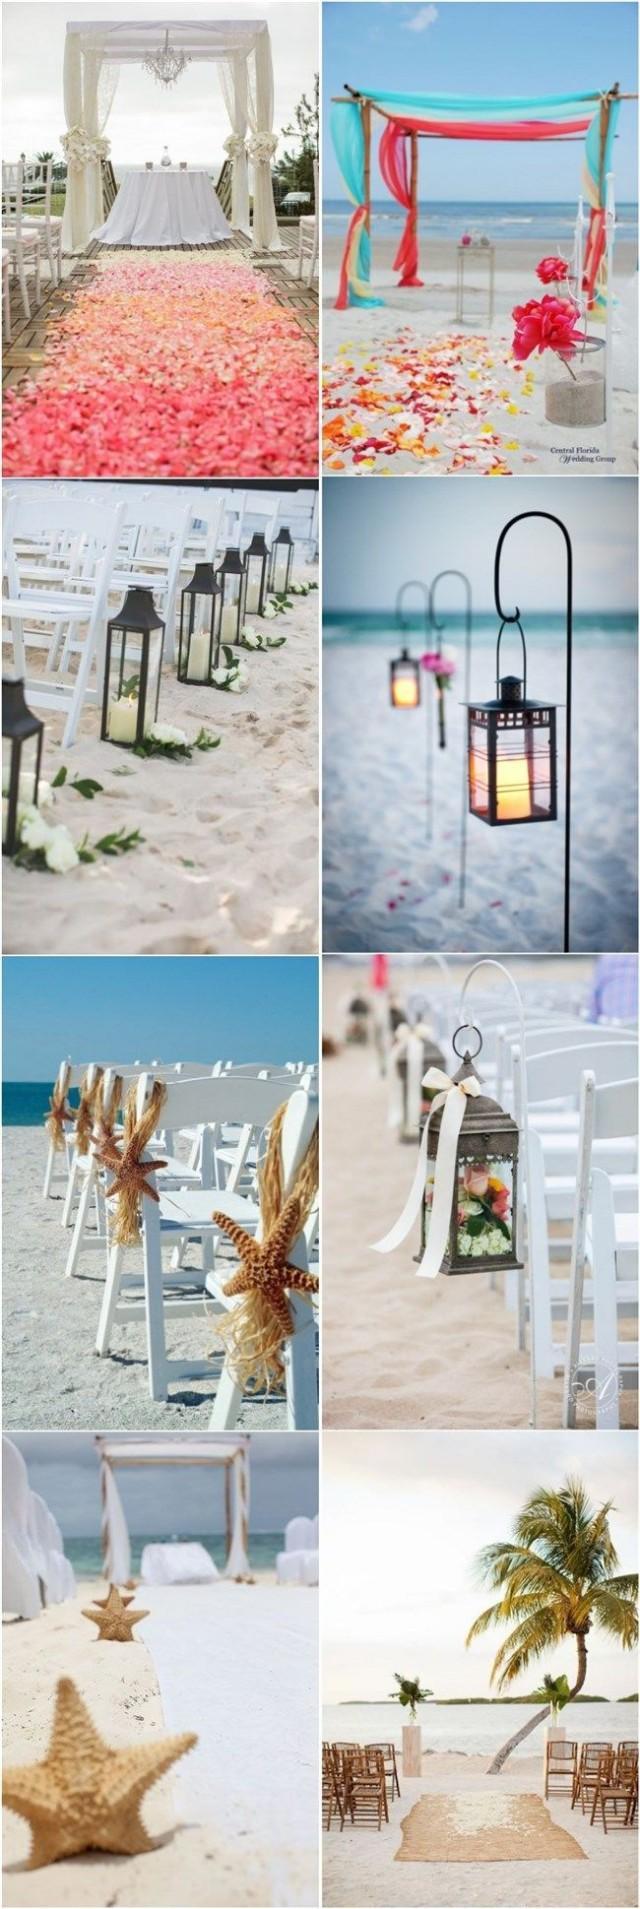 Ideas 50 beach wedding aisle decoration ideas 2369056 for Aisle decoration ideas for wedding